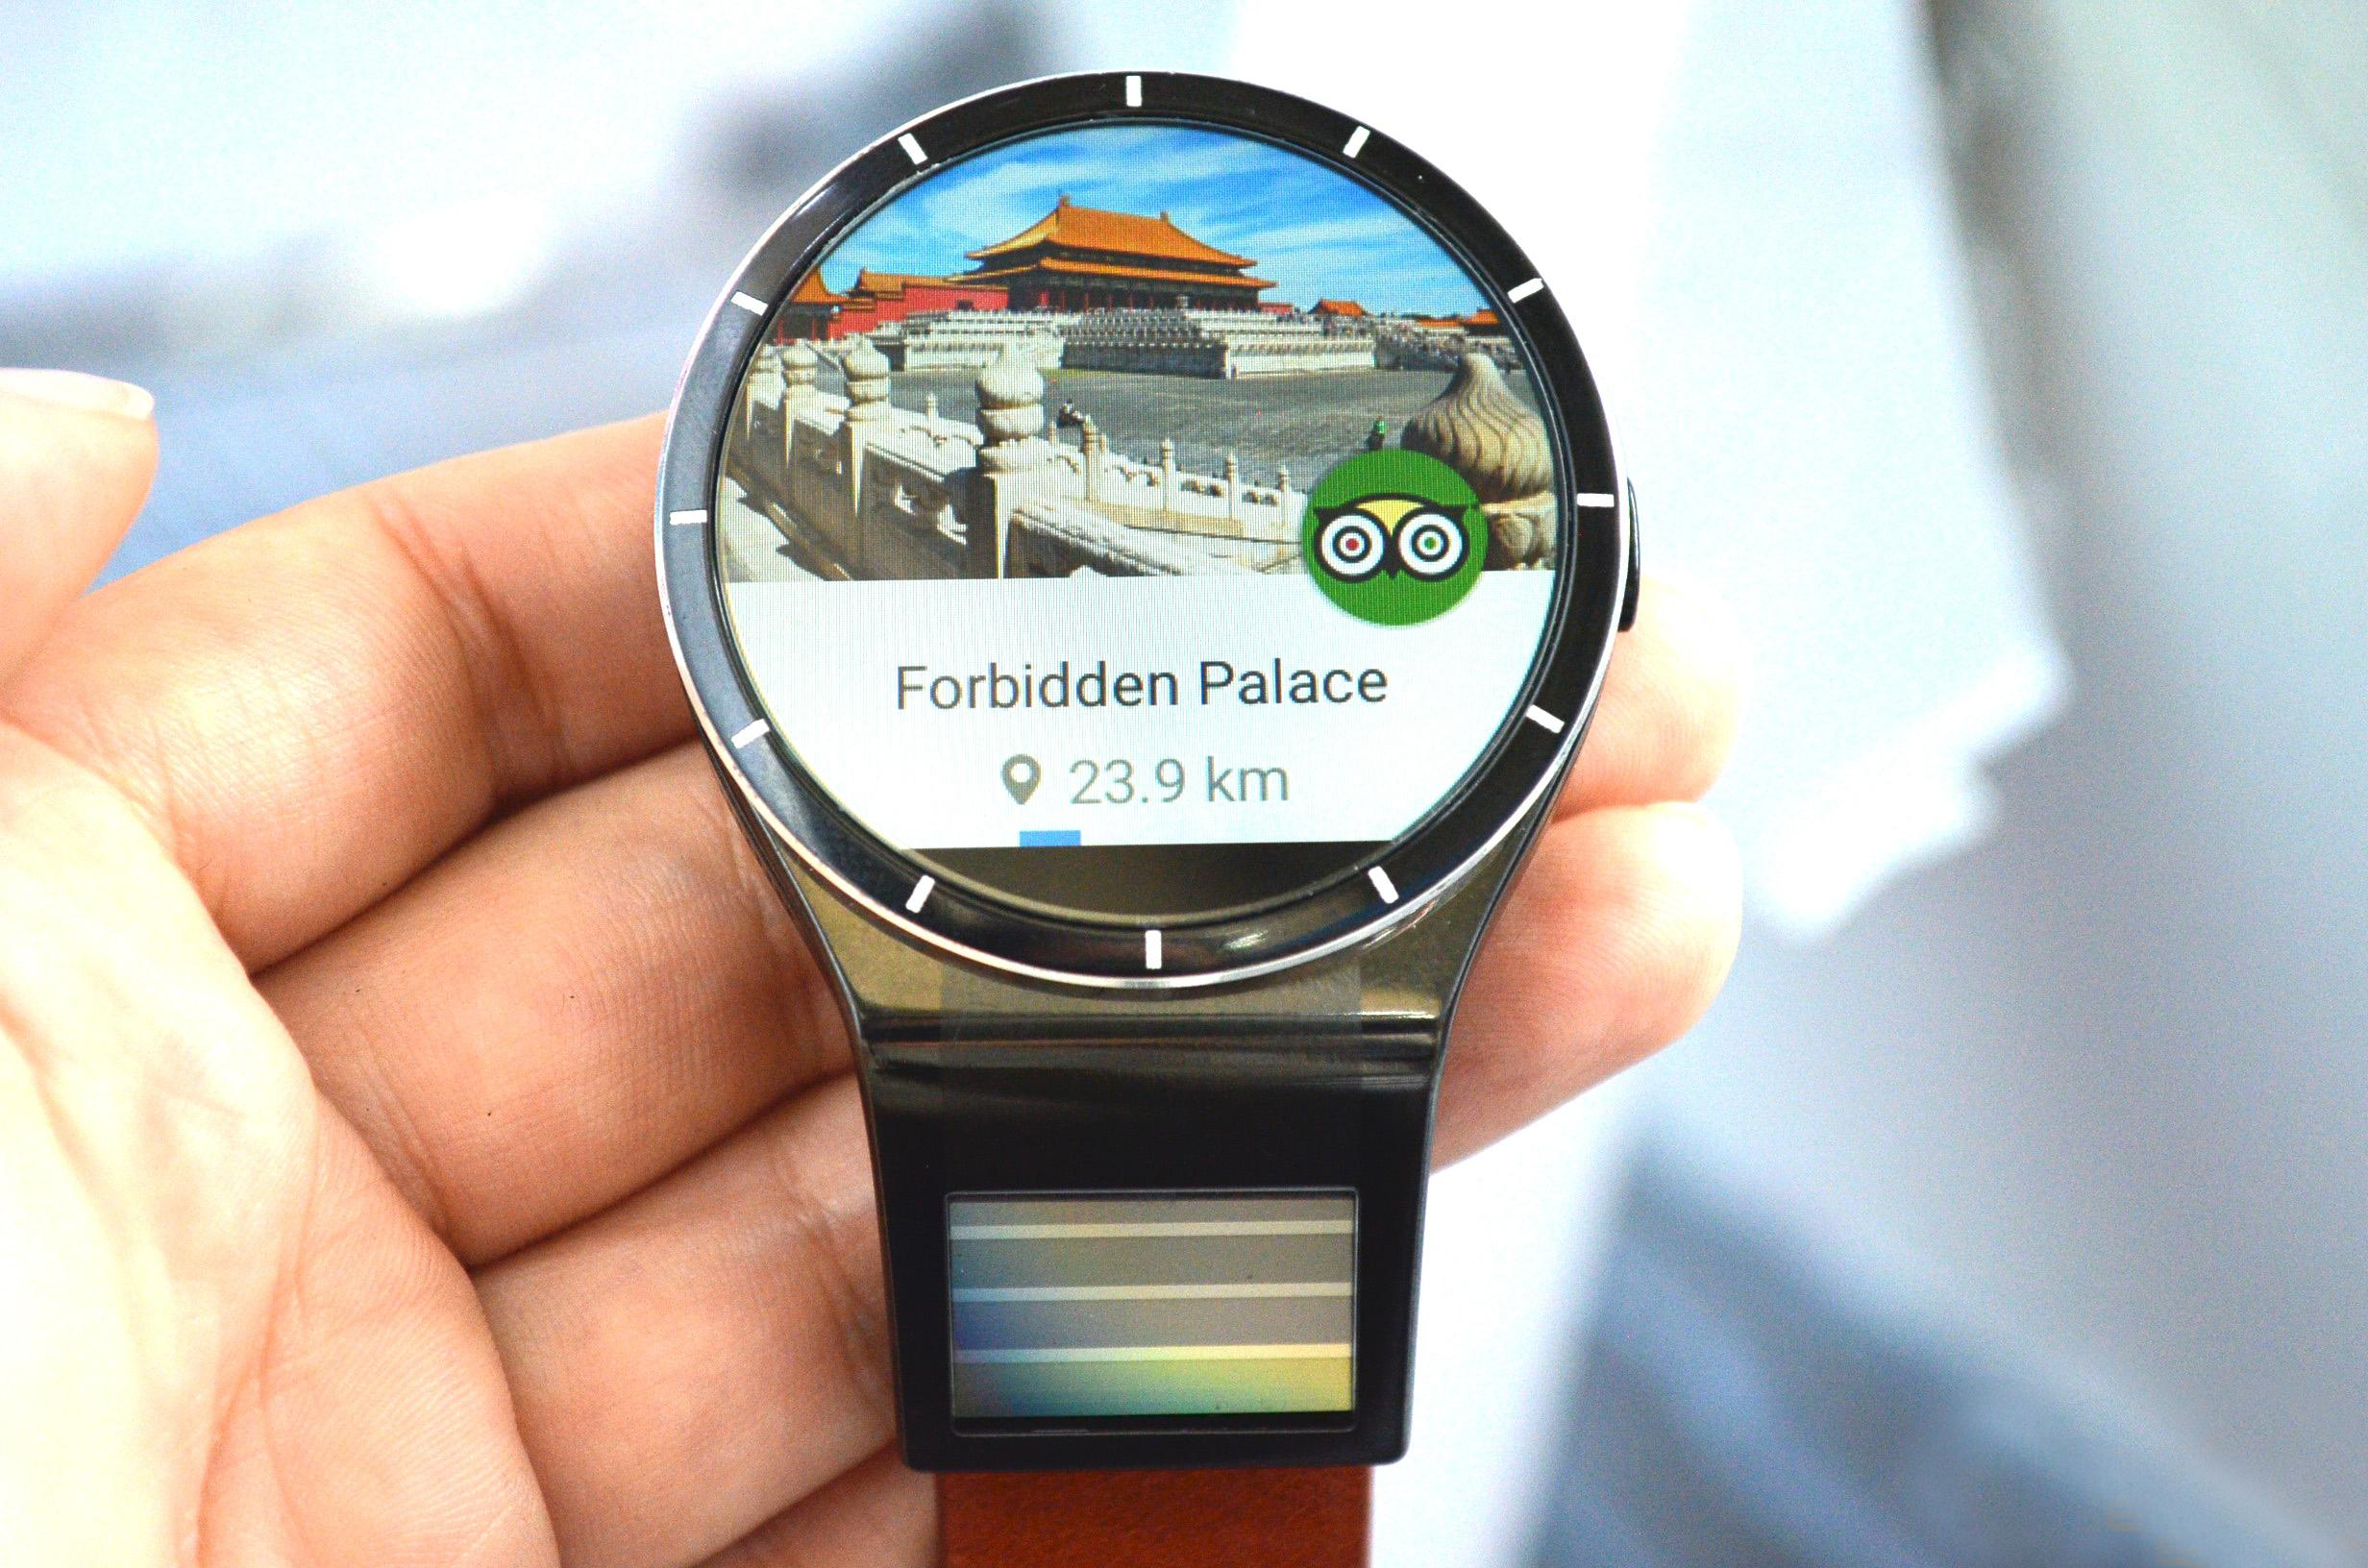 Lenovo'dan Çift Ekranlı Akıllı Saat Geliyor